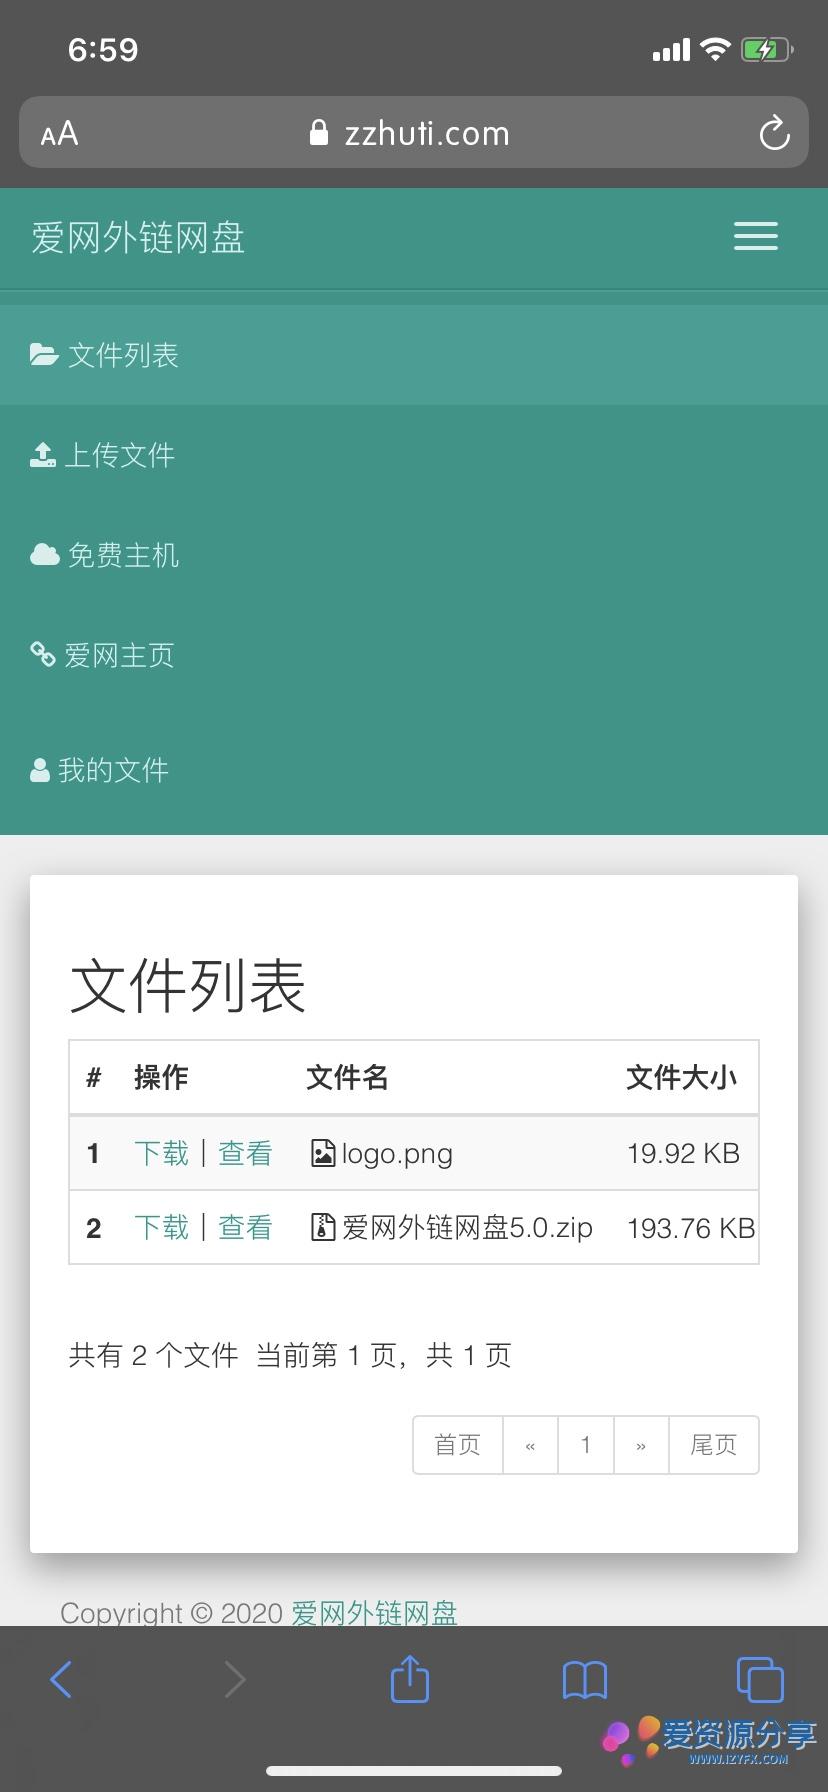 全新UI图片网盘外链系统V5.0版 支持图片违规检测+自适应H5网站源码-爱资源分享